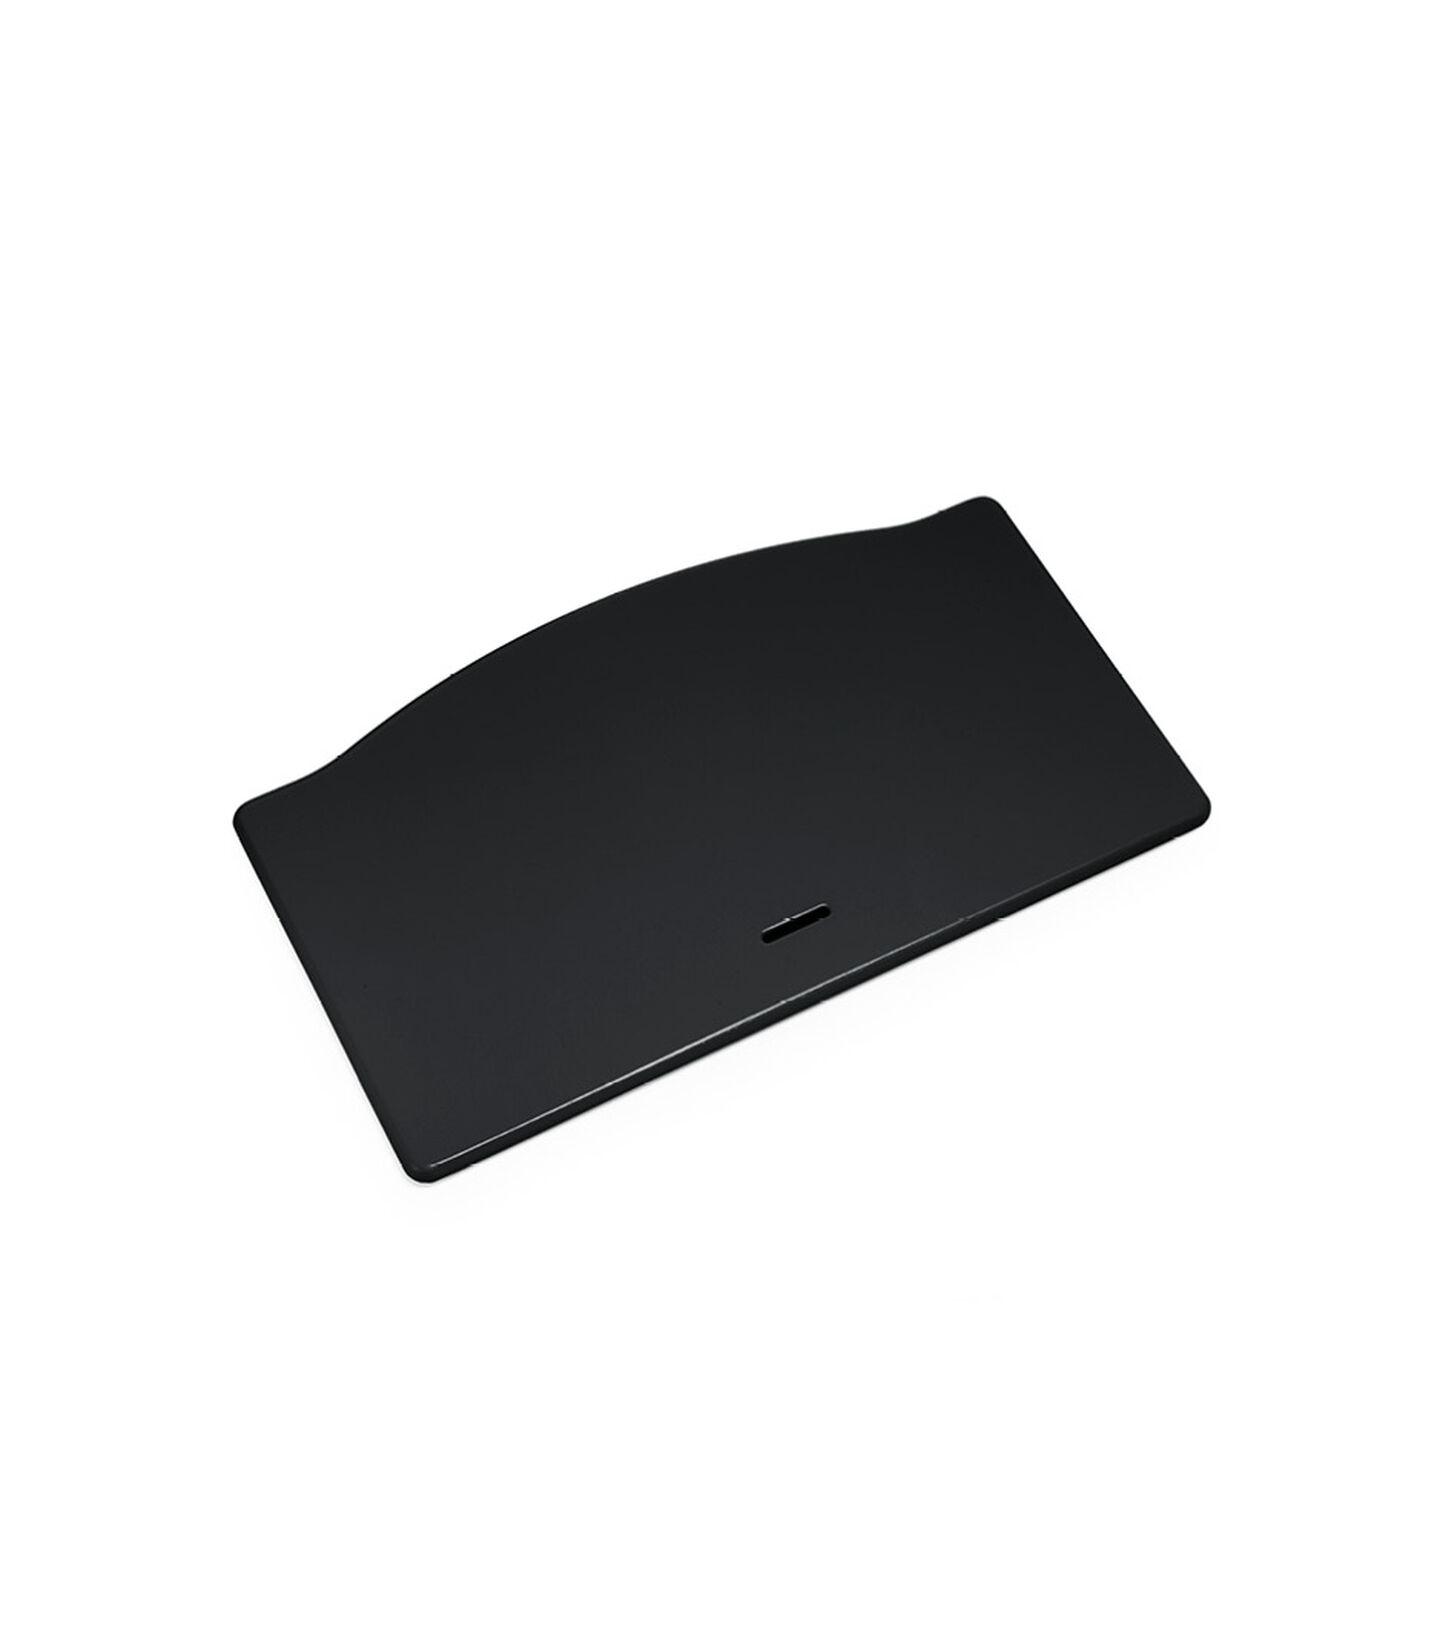 Tripp Trapp® Sitzplatte Black, Black, mainview view 1